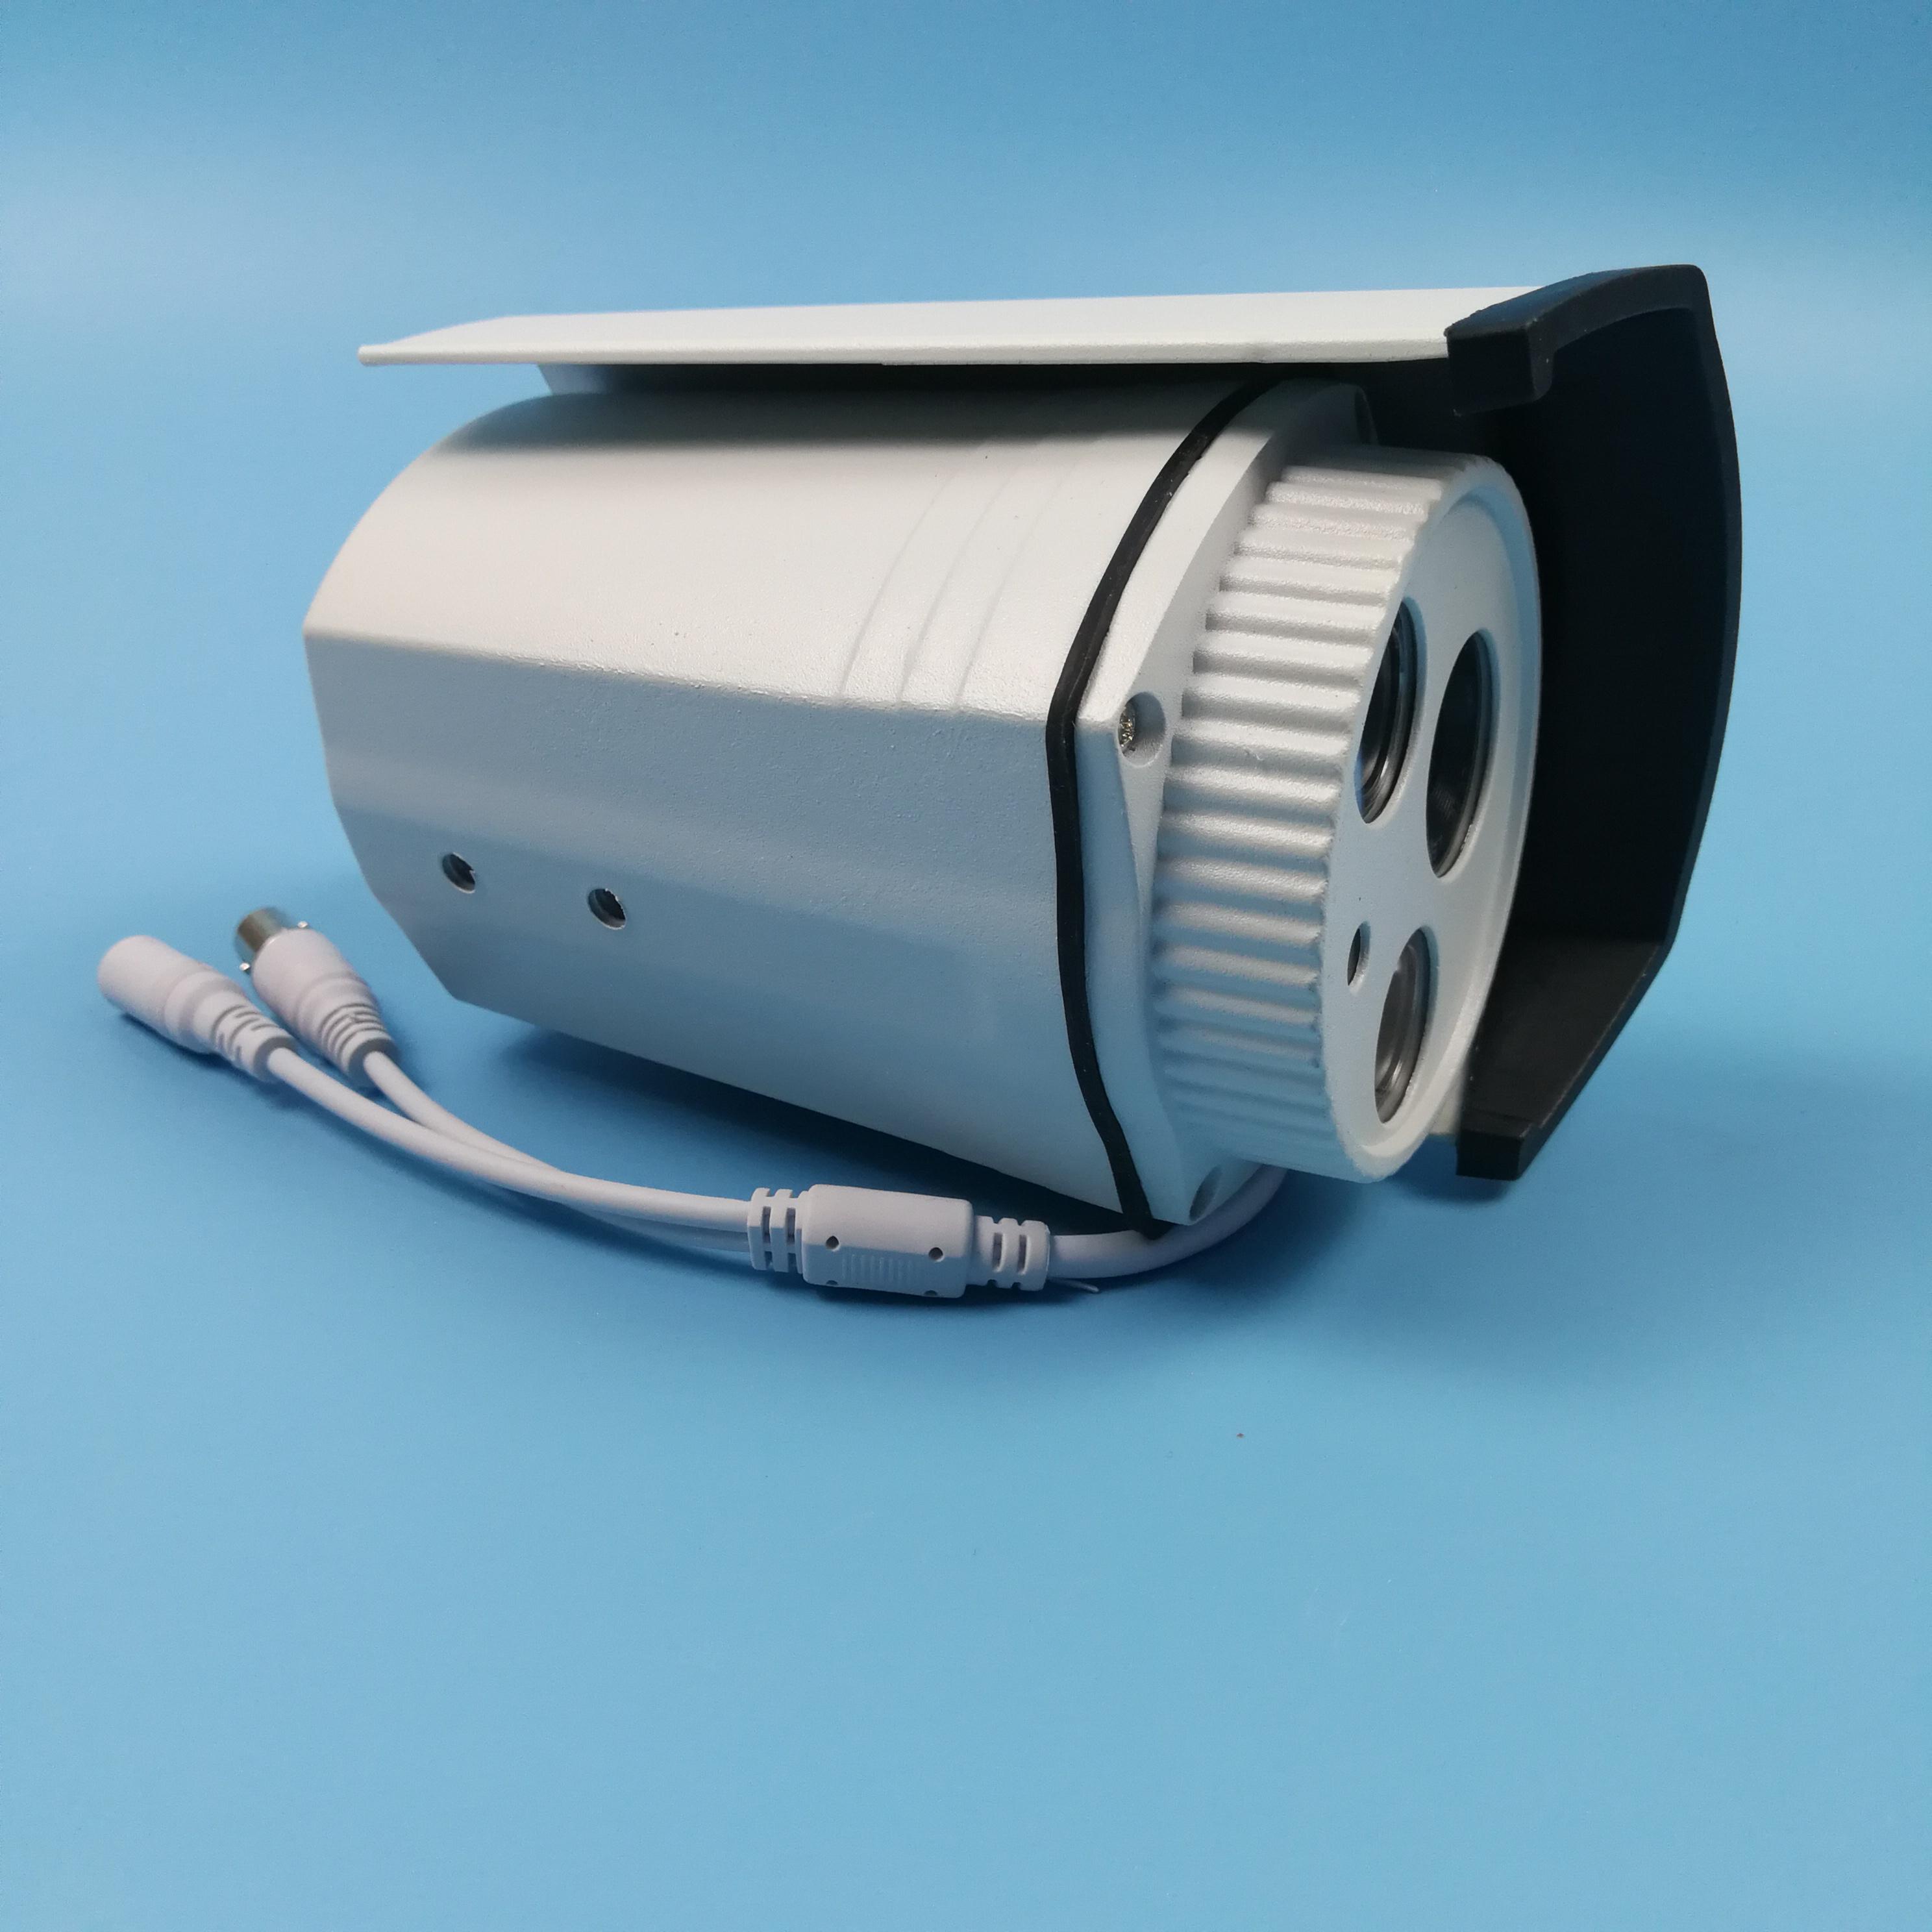 Инфракрасная камера 130 млн. коаксиальный видеонаблюдения HD ночного видения камеры водостотьким 960p камера крытый / открытый инфракрасного ночного видения зонд